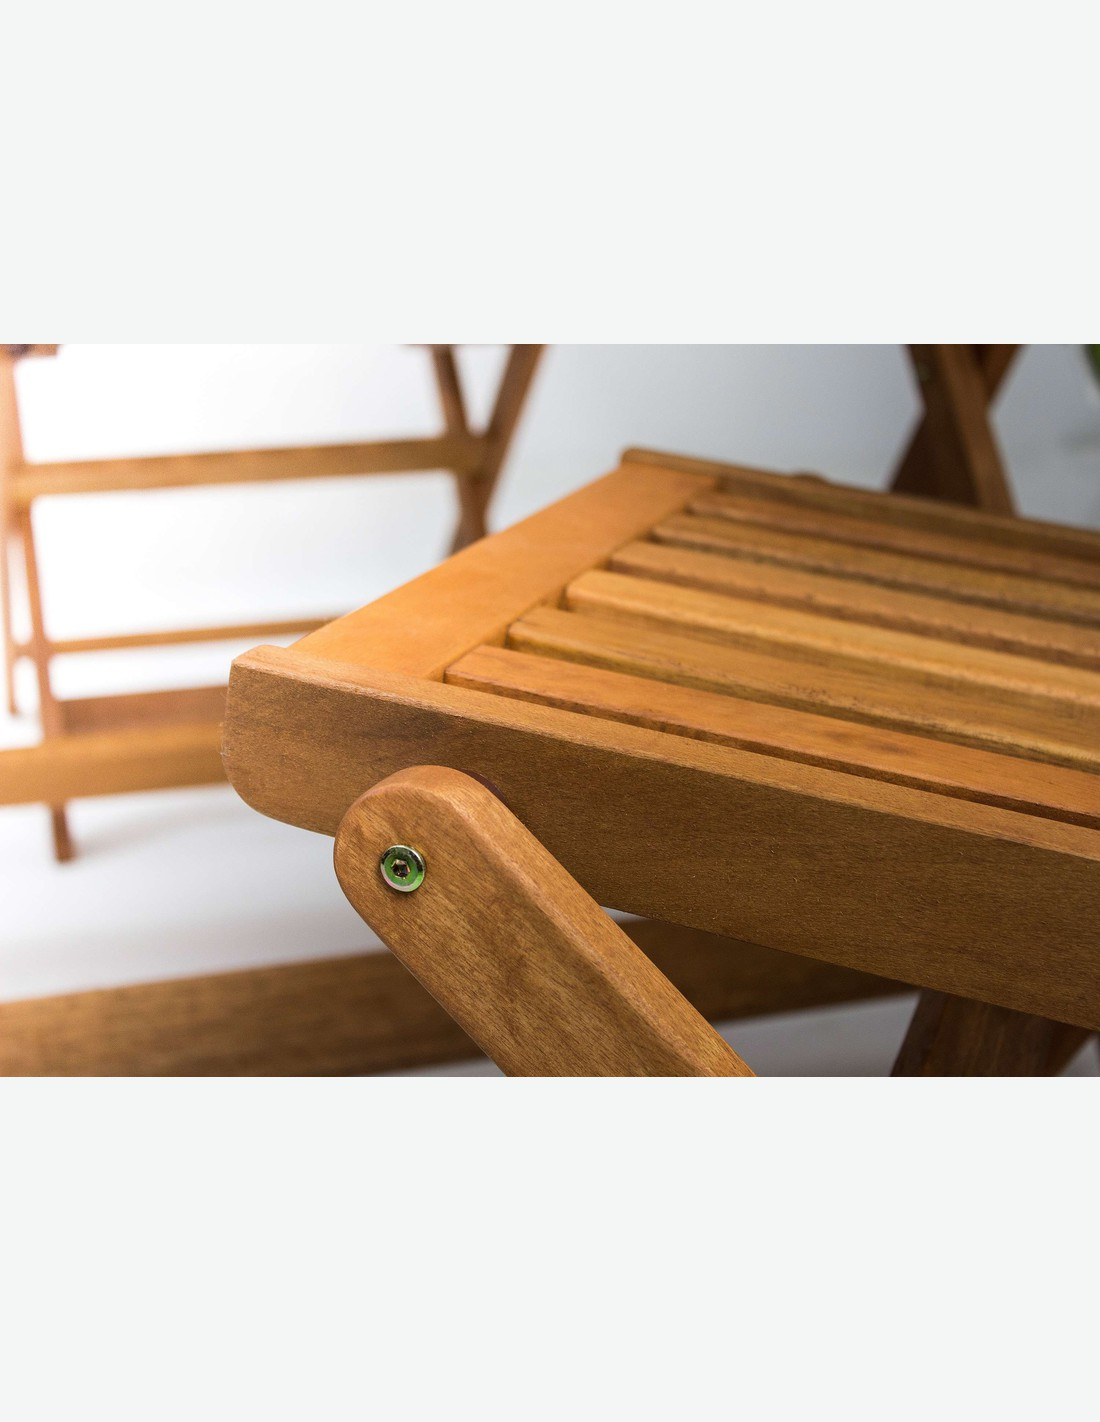 stuhl mit klapptisch  klapptisch picknick tisch stuhl in innerhalb mit sthlen with stuhl mit